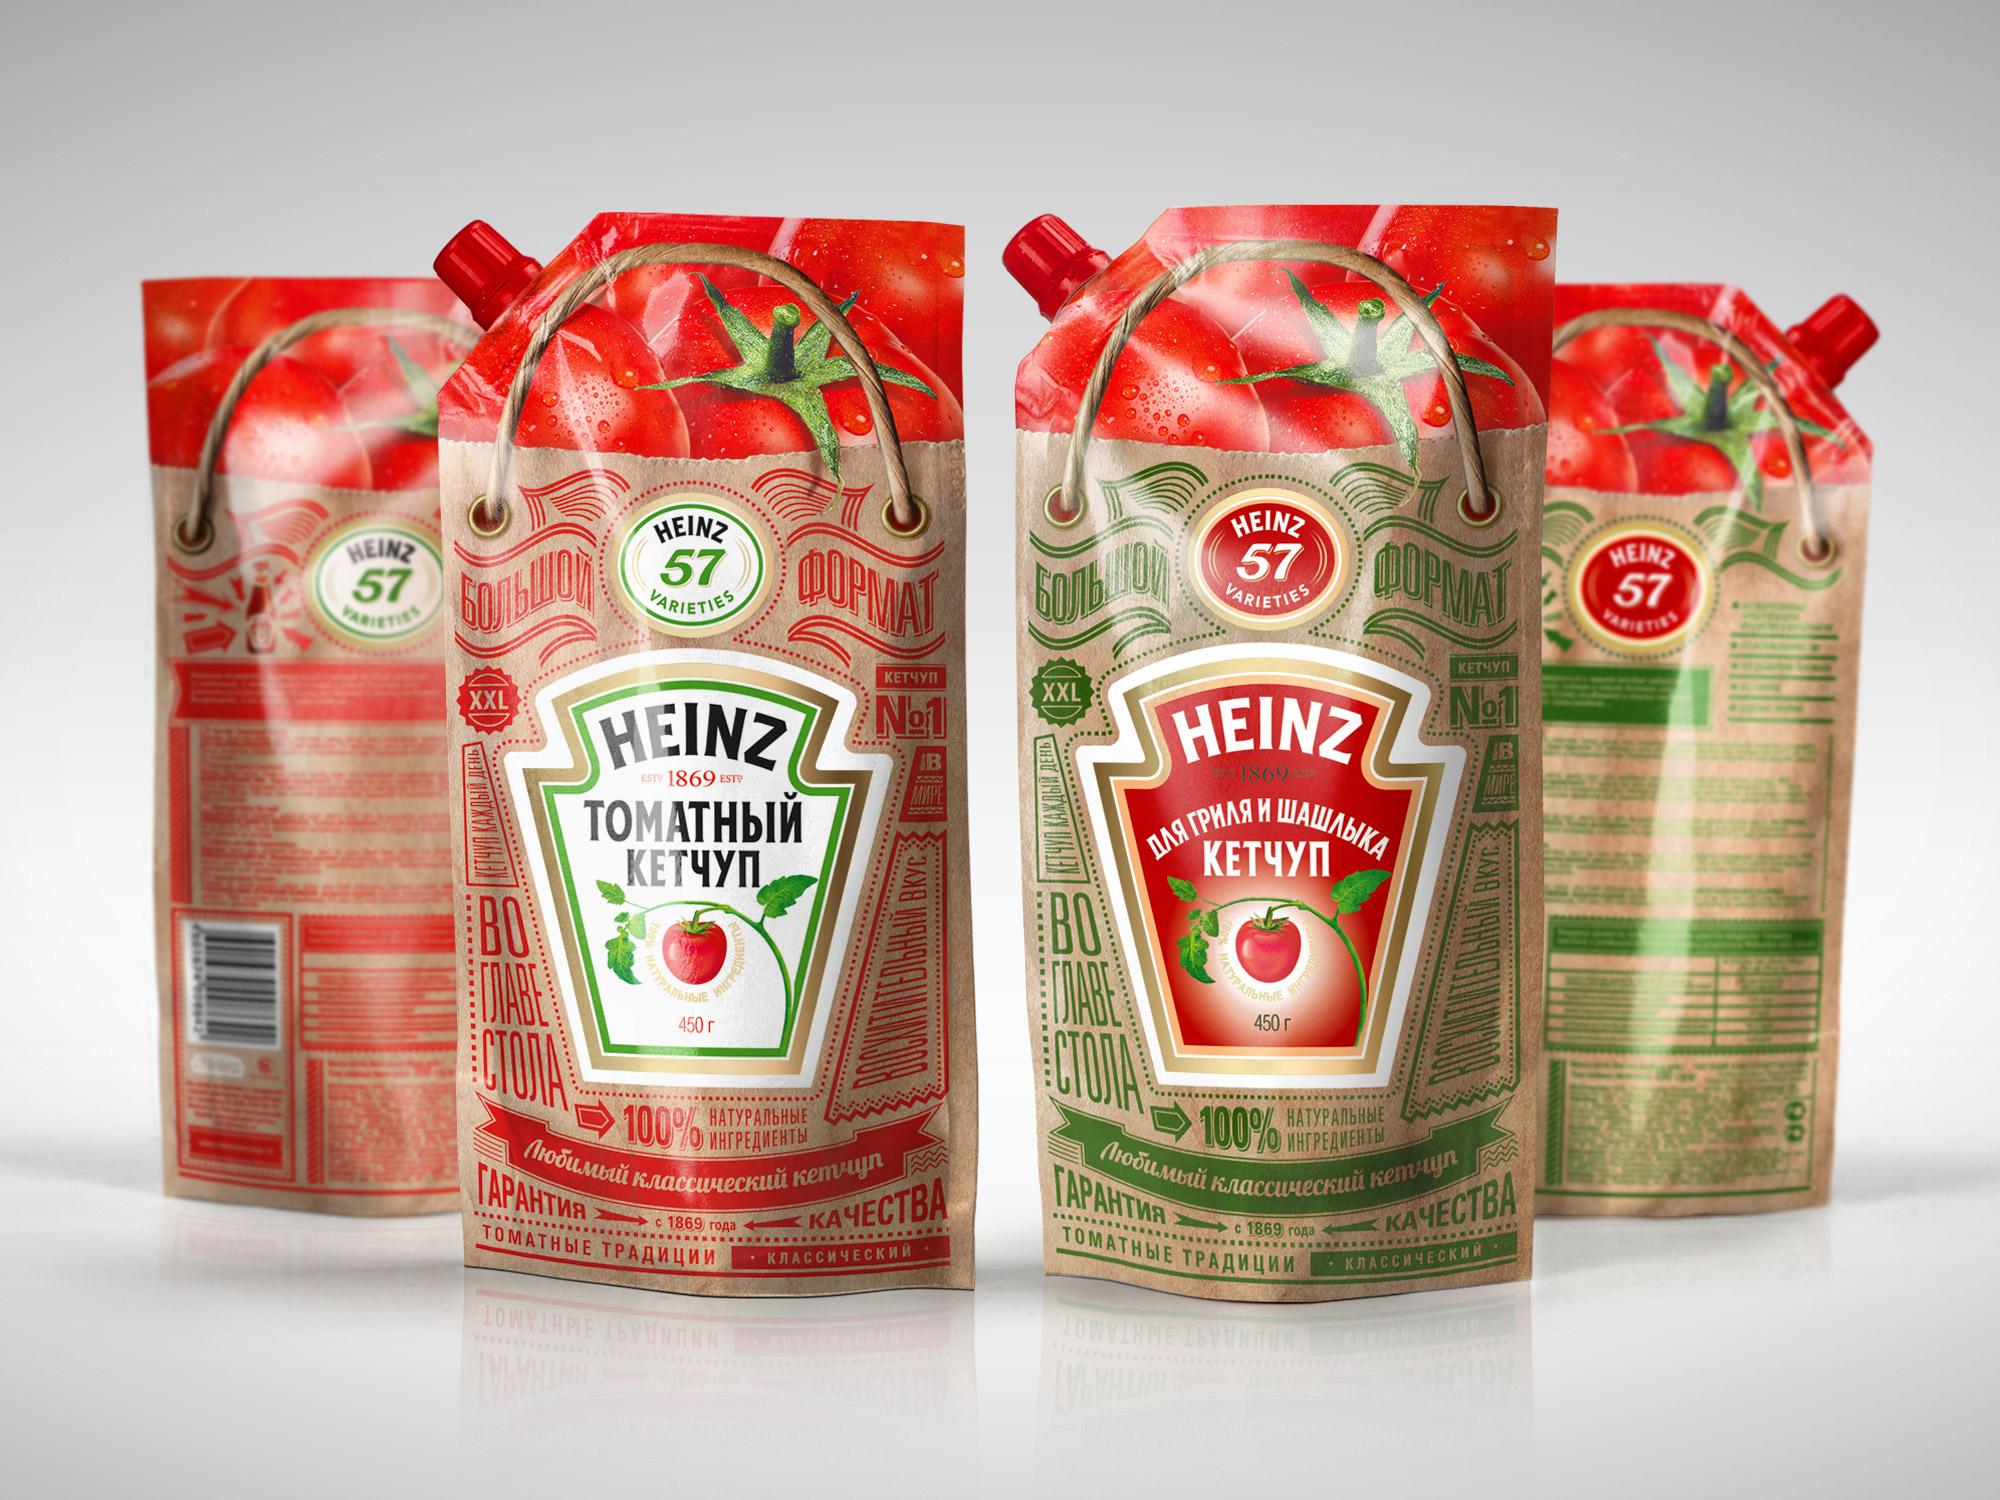 调味品包装设计